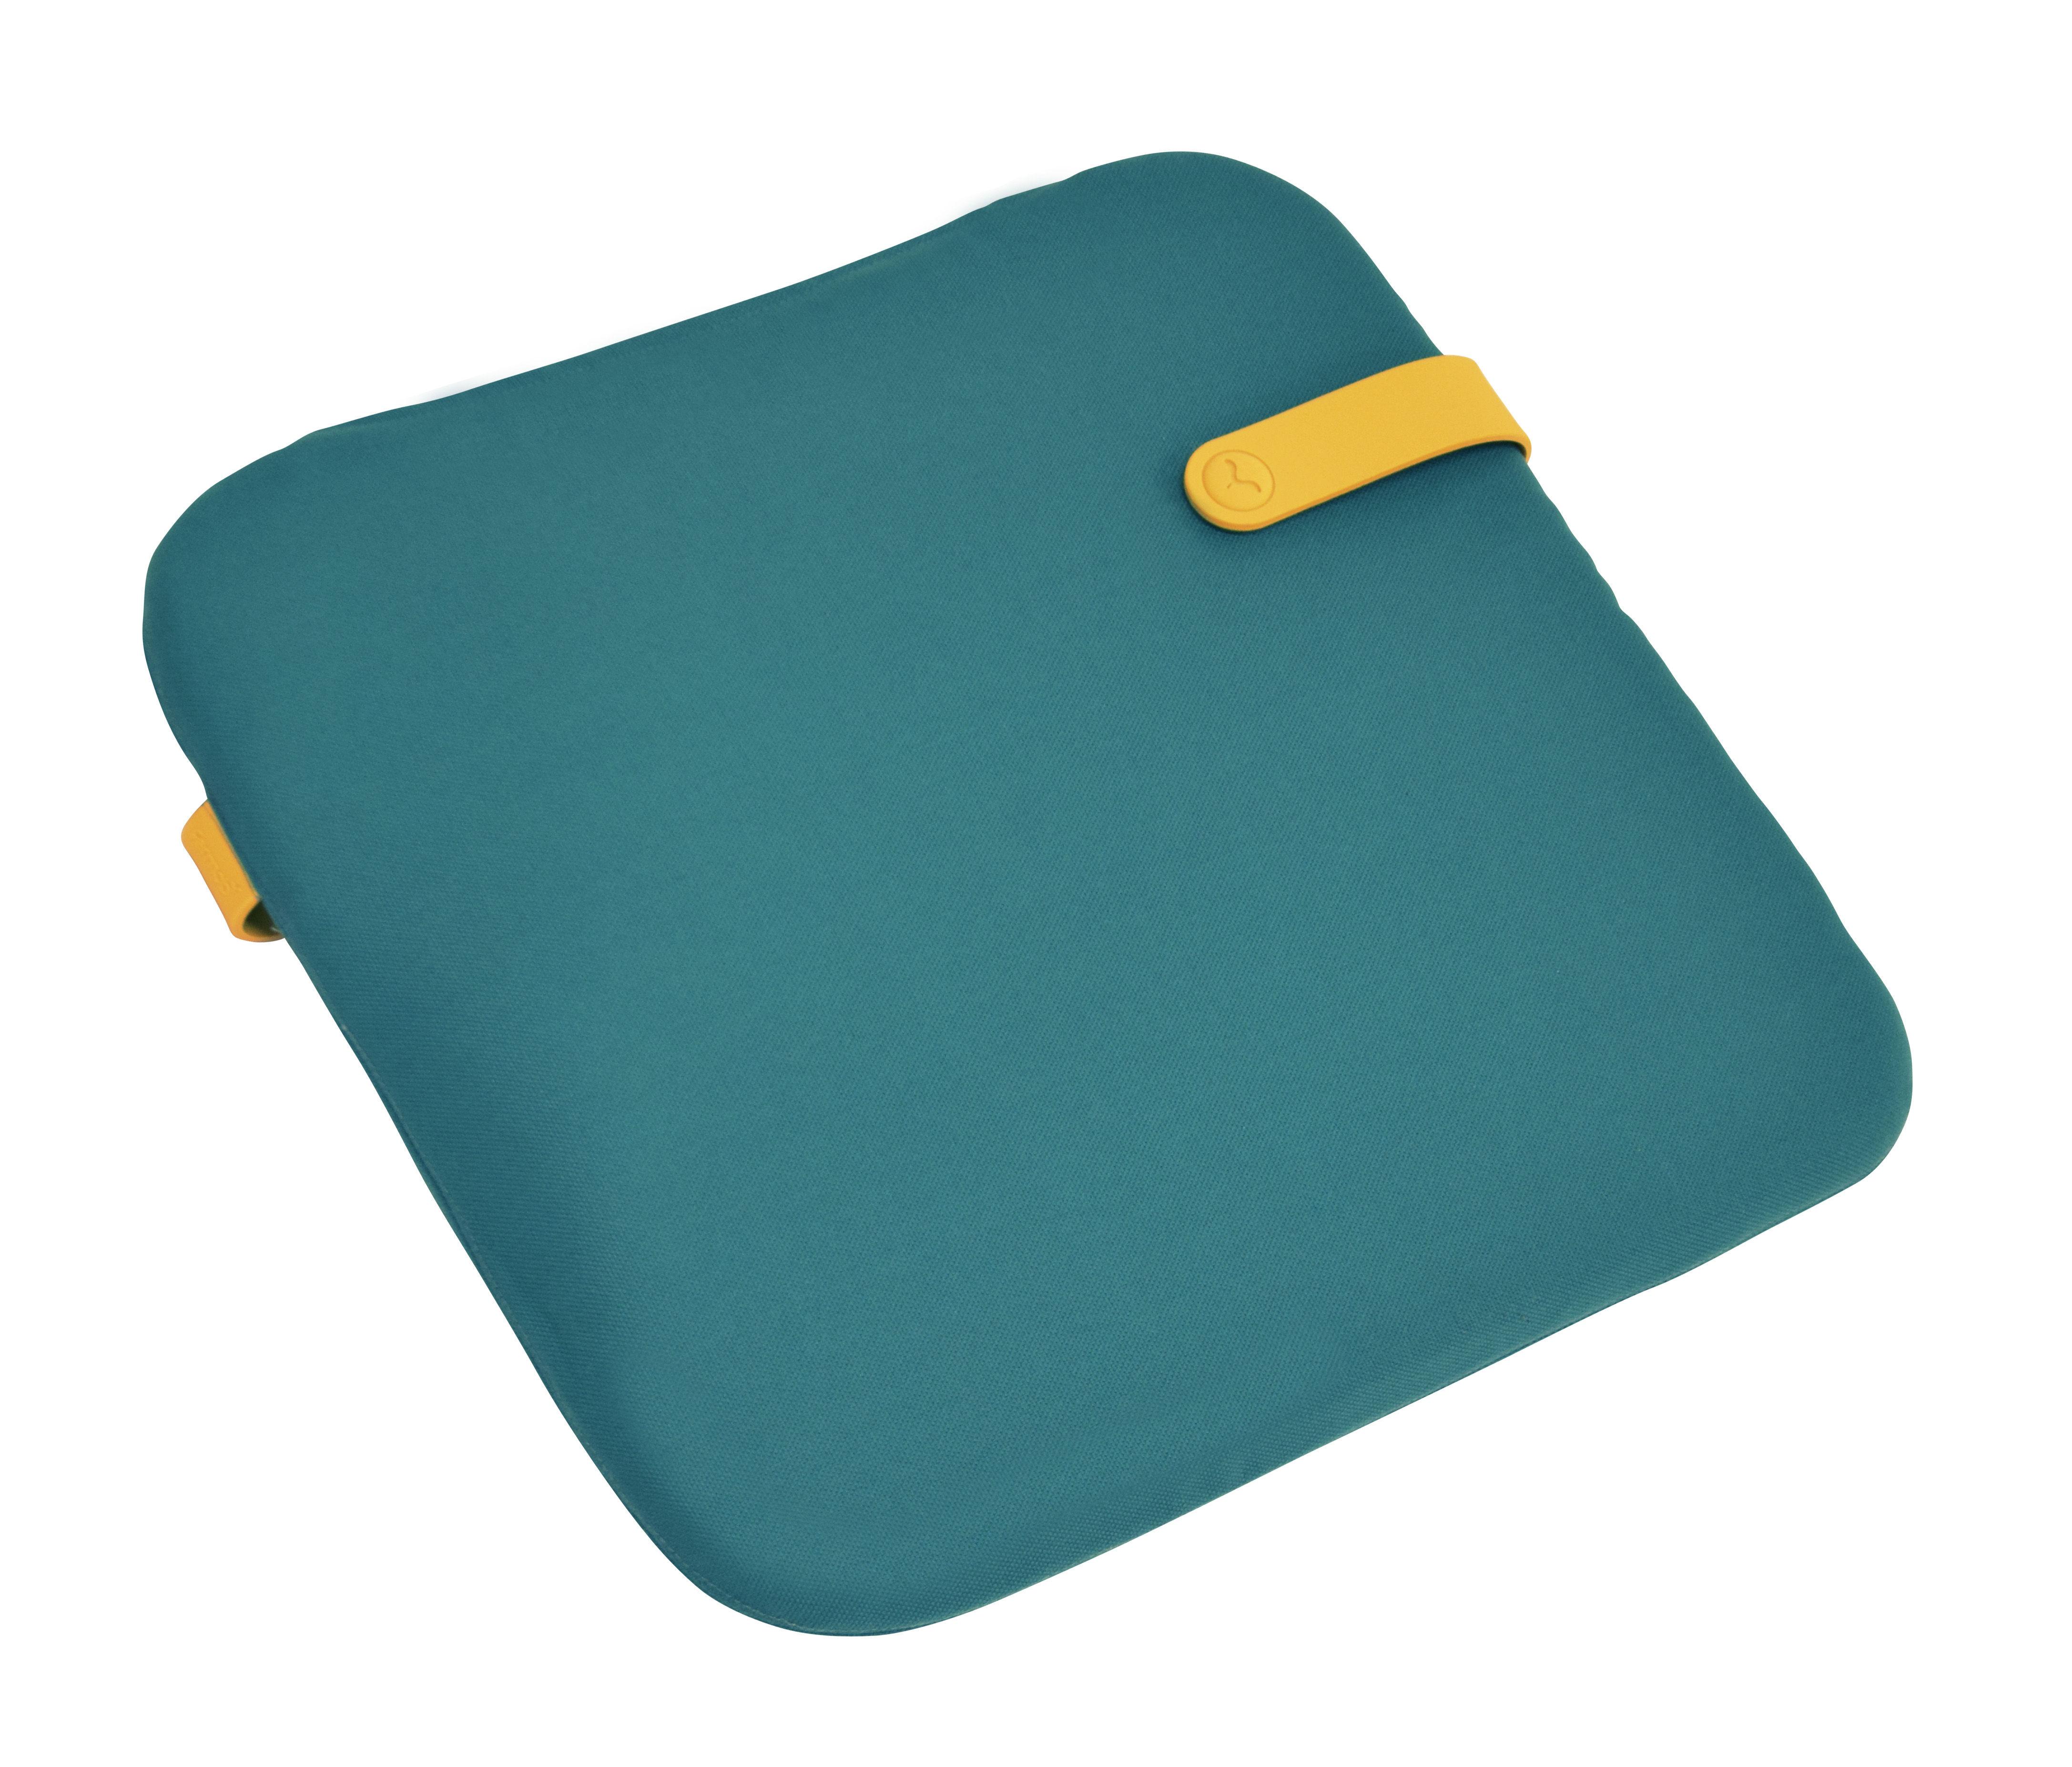 Interni - Cuscini  - Cuscino per la sedia Color Mix / 41 x 38 cm - Fermob - Blu goa / Cinghia miele - Espanso, PVC, Tessuto acrilico